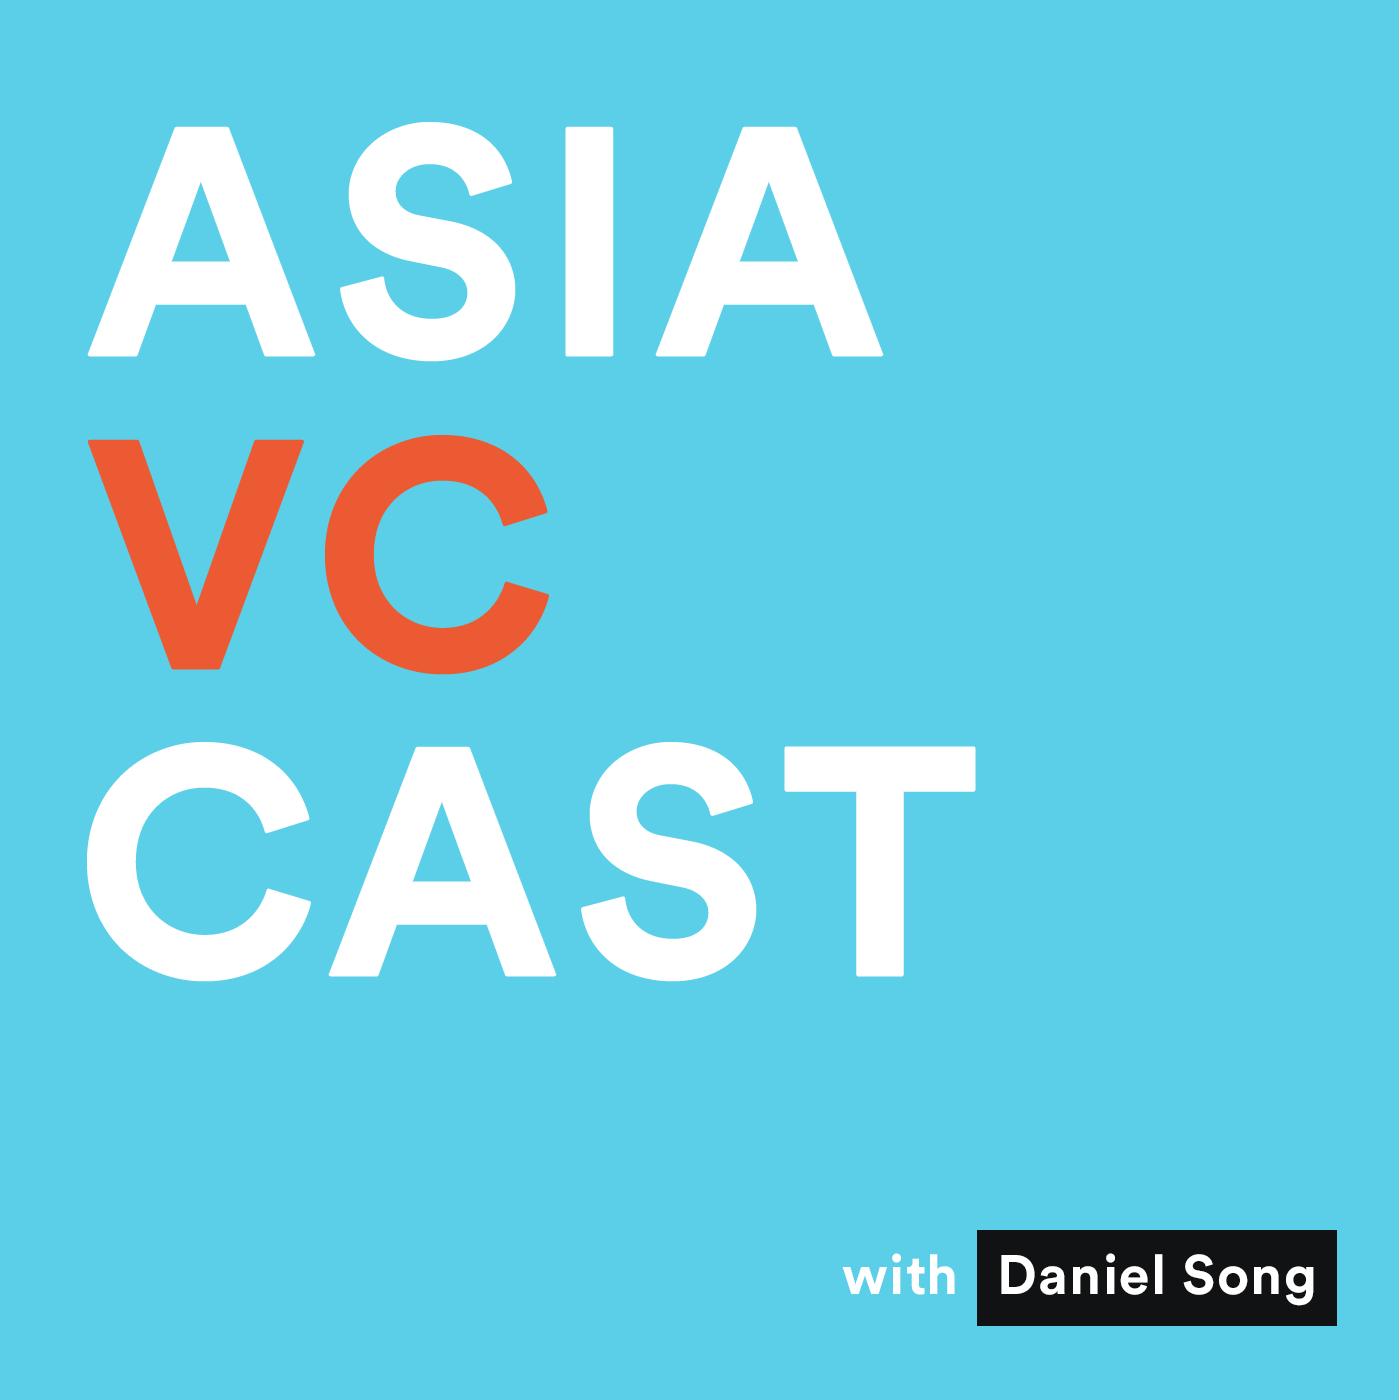 Asia VC Cast show art